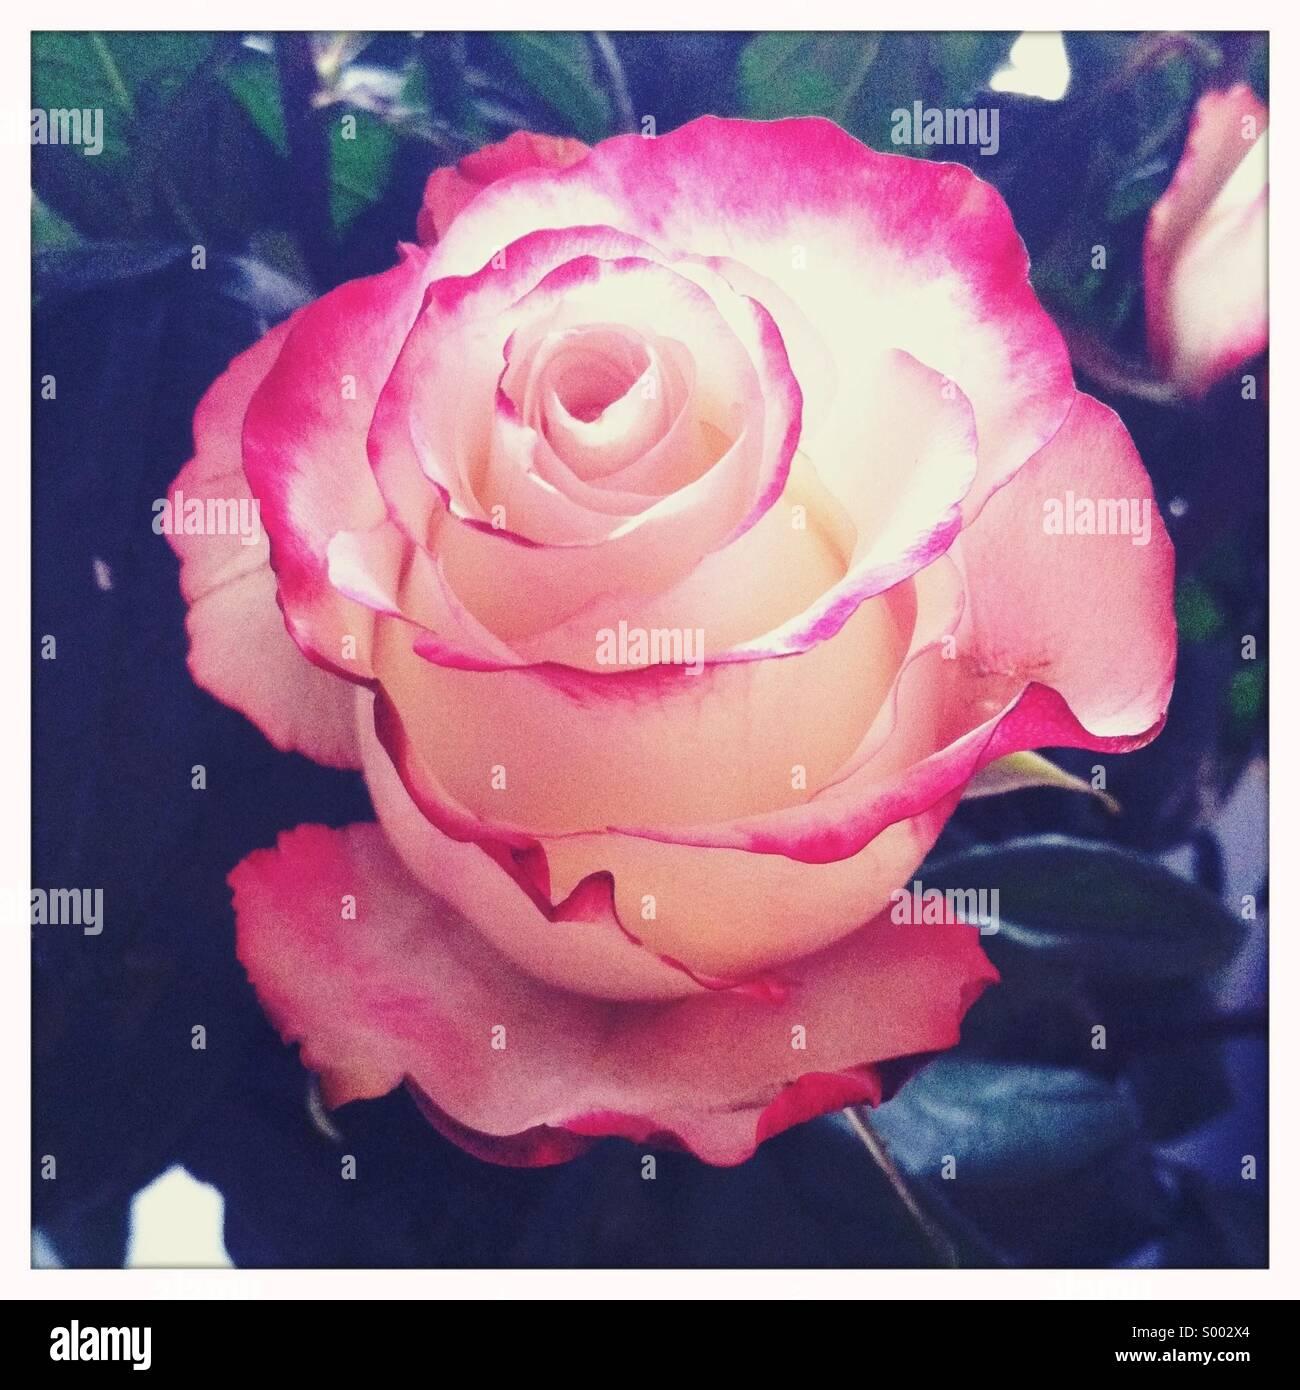 Una vista cercana de un color rojo y blanco flor rosa Imagen De Stock